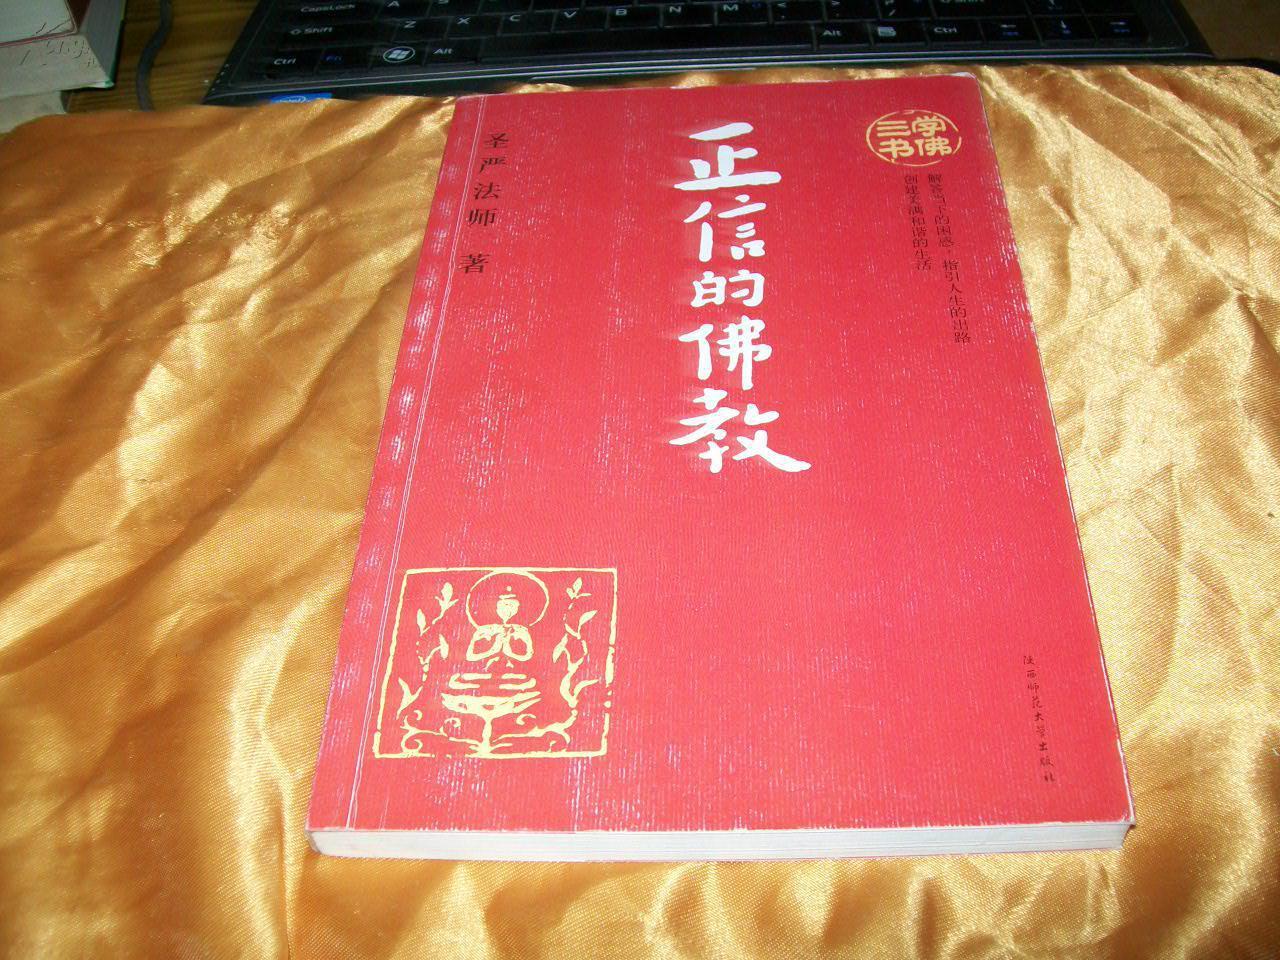 学佛三书(正信的佛教 学佛群疑 佛学入门)全3册合售!